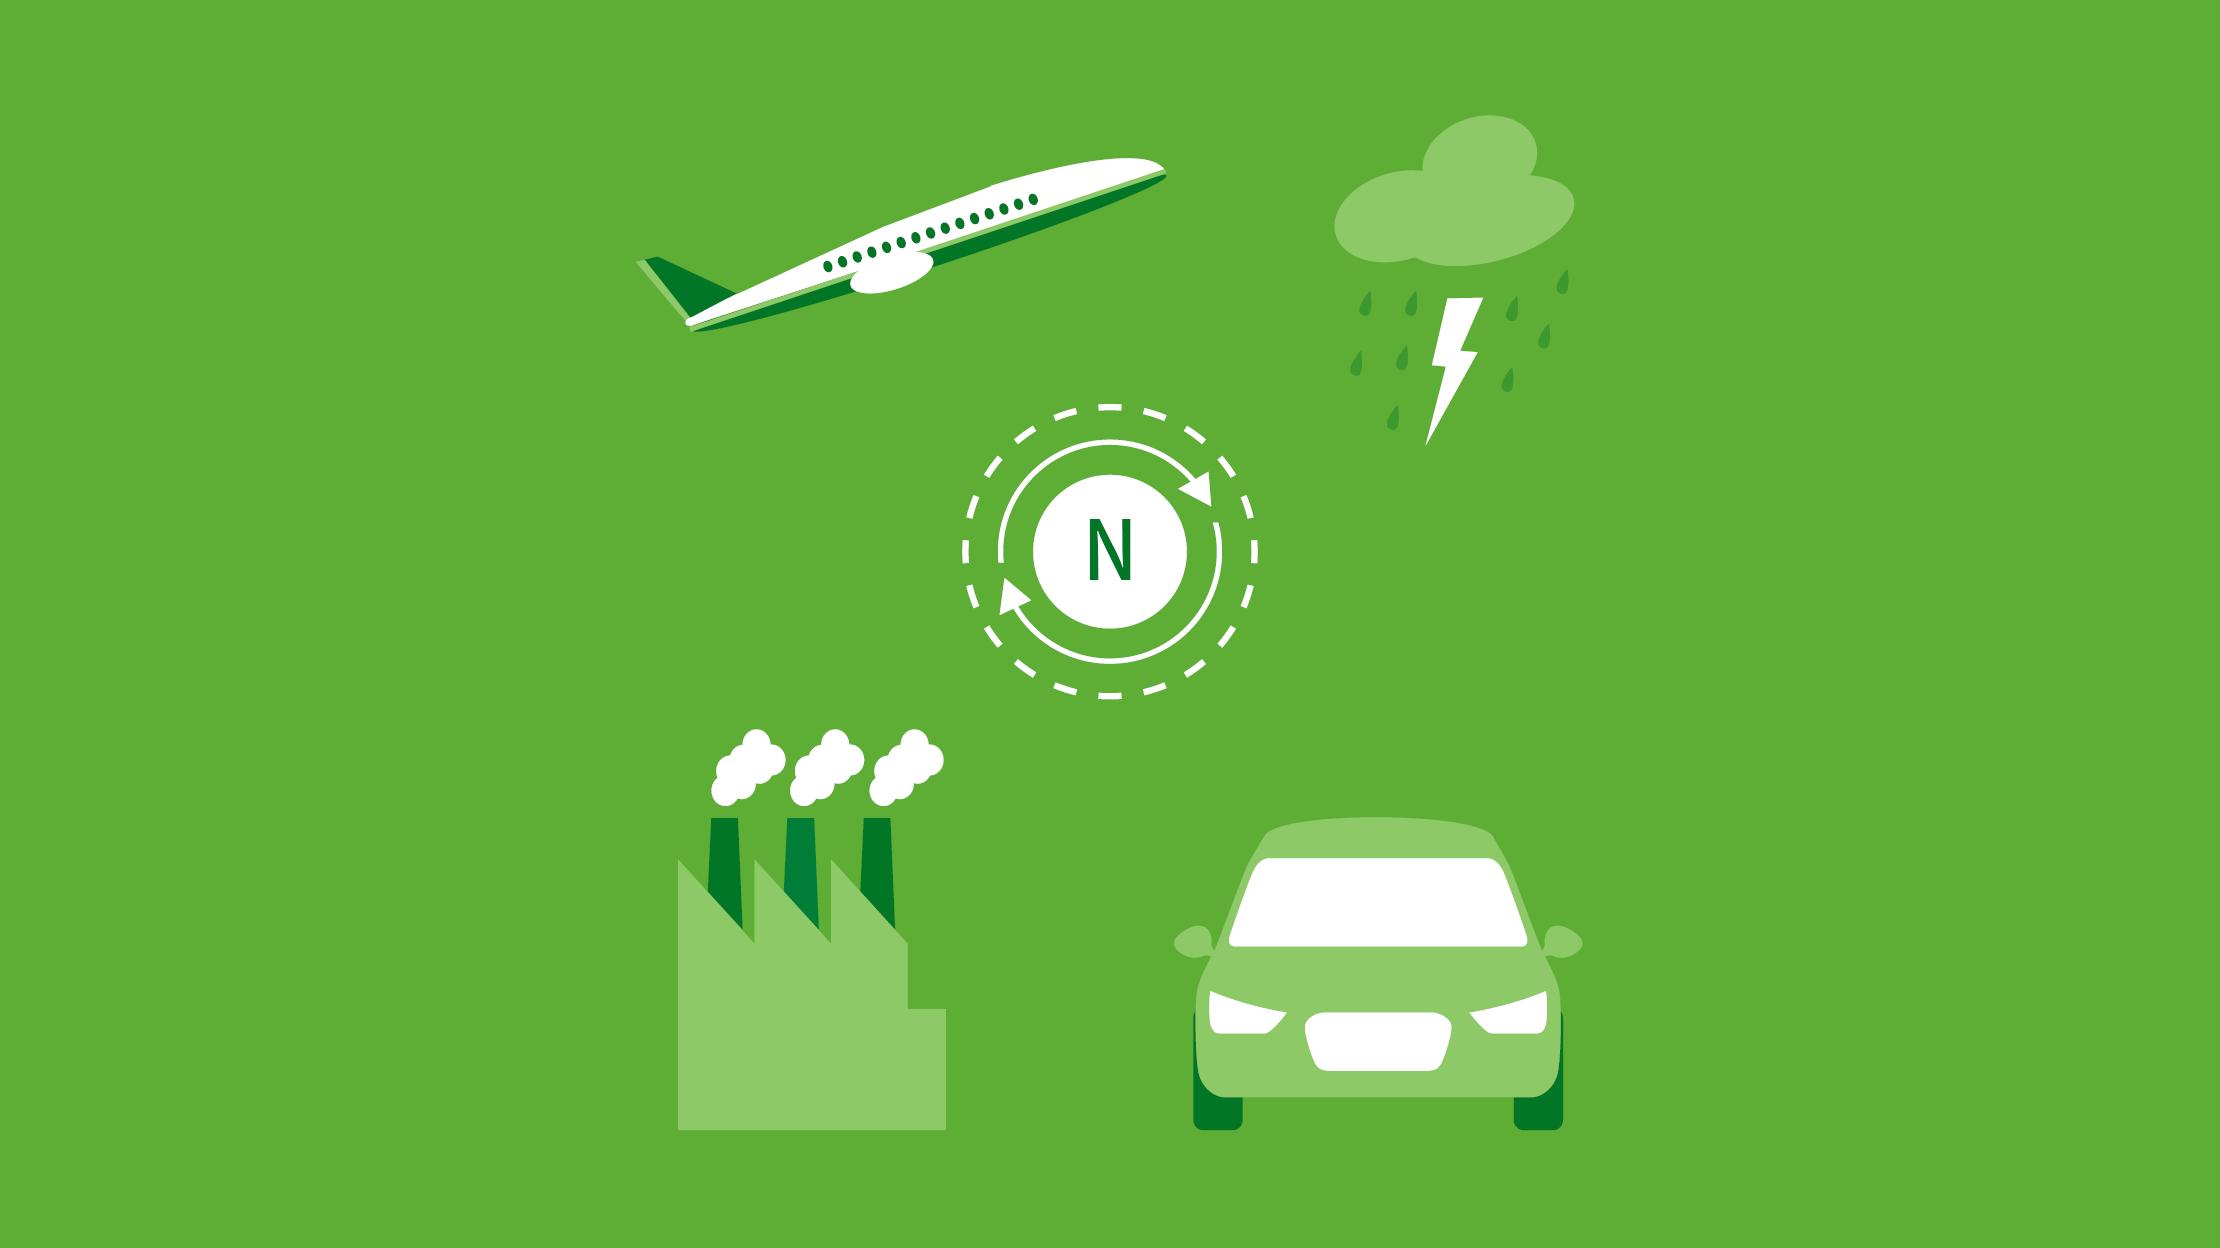 Startbild des Umweltatlas Stickstoff.